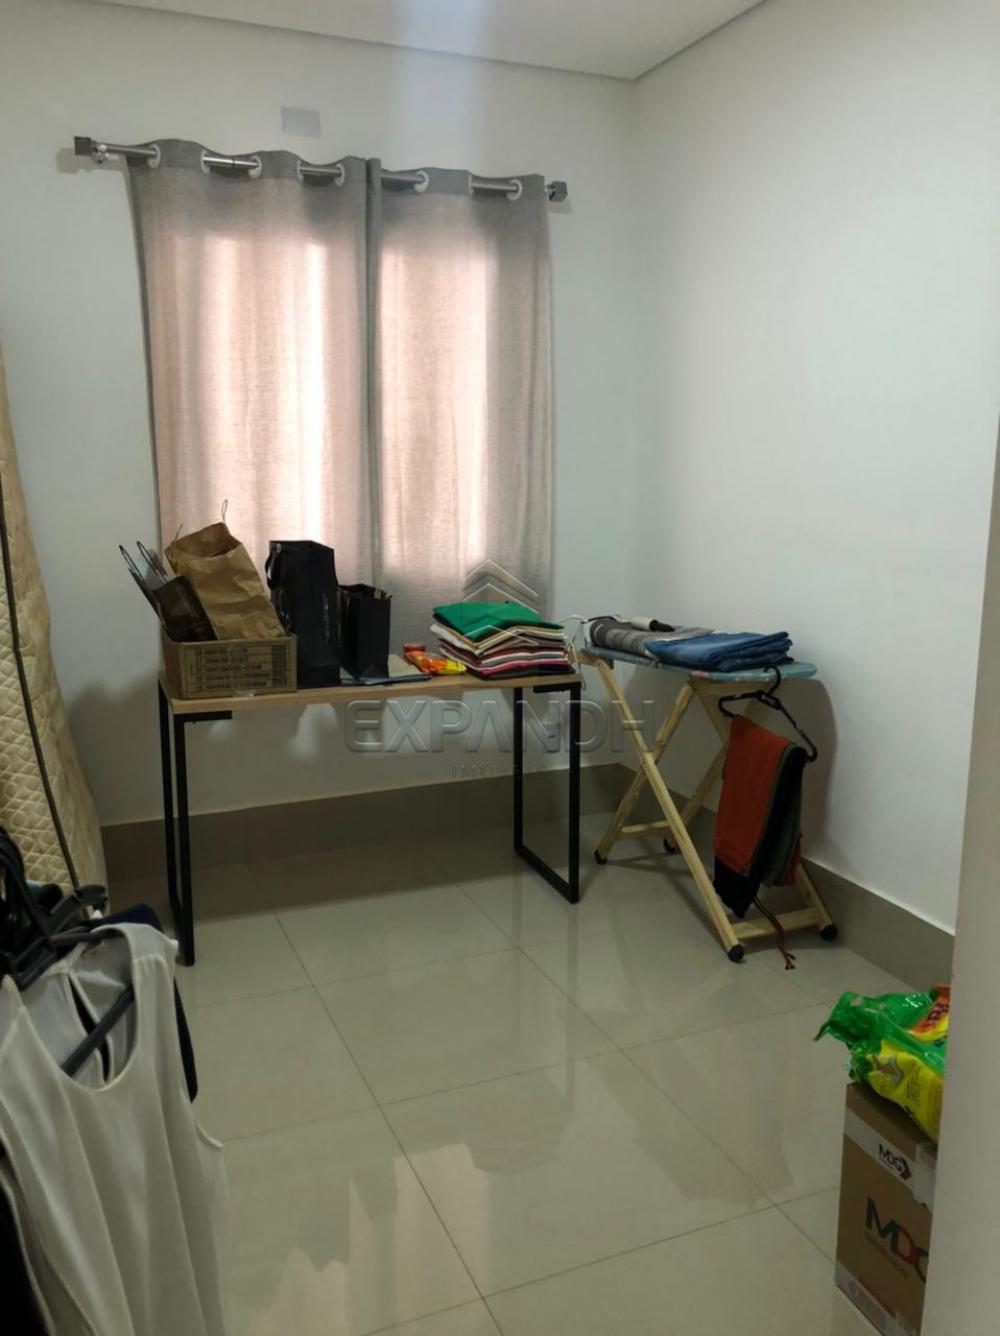 Comprar Casas / Condomínio em Sertãozinho R$ 530.000,00 - Foto 14